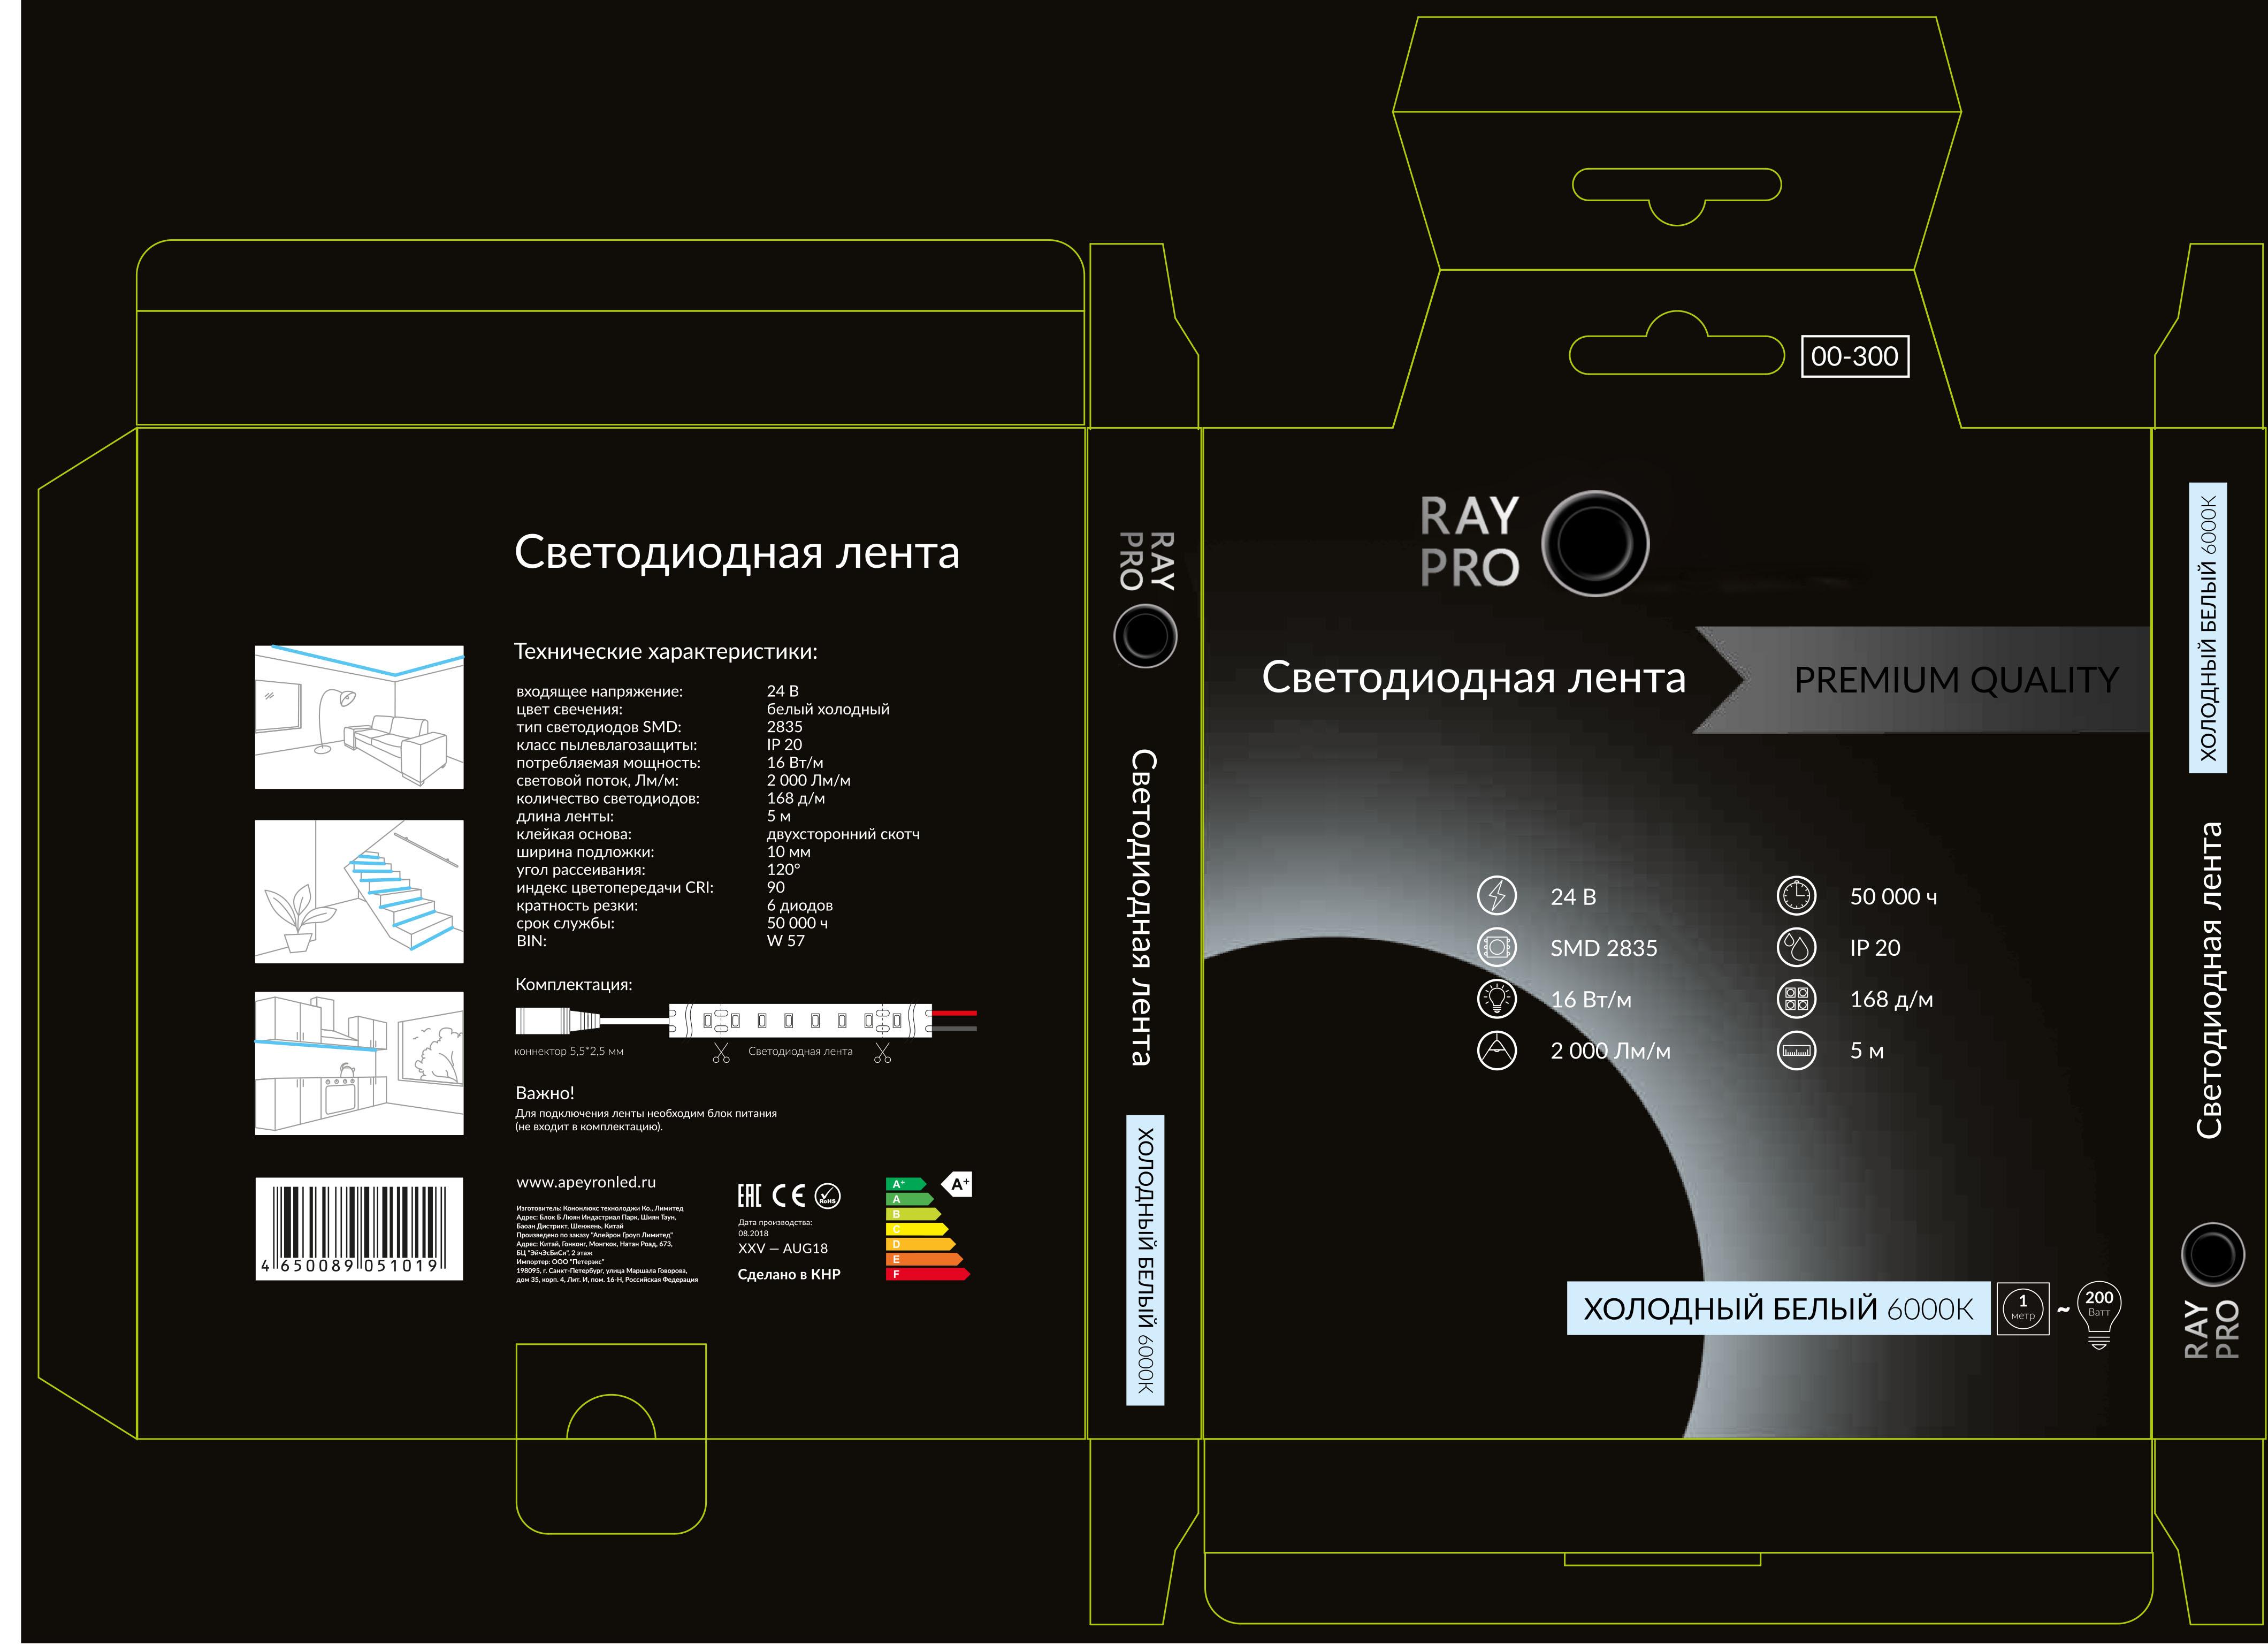 Разработка логотипа (продукт - светодиодная лента) фото f_2025bbf4897f3eef.jpg